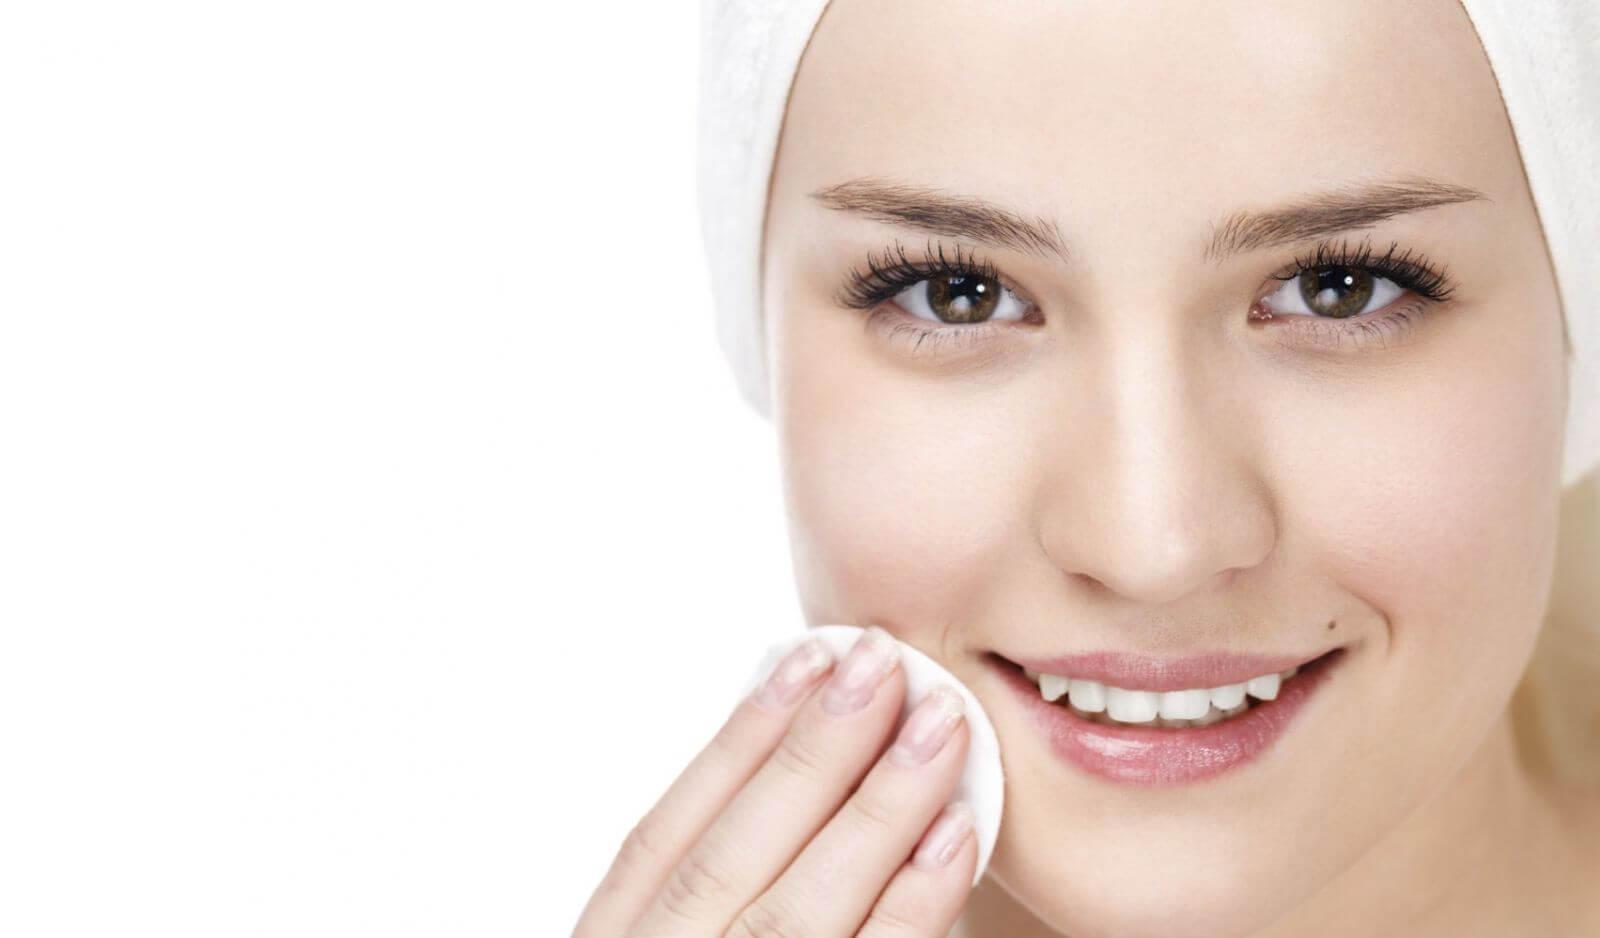 Giữ vệ sinh da mặt luôn là phương pháp tối ưu ngăn chặn sự lây lan và phát triển của mụn